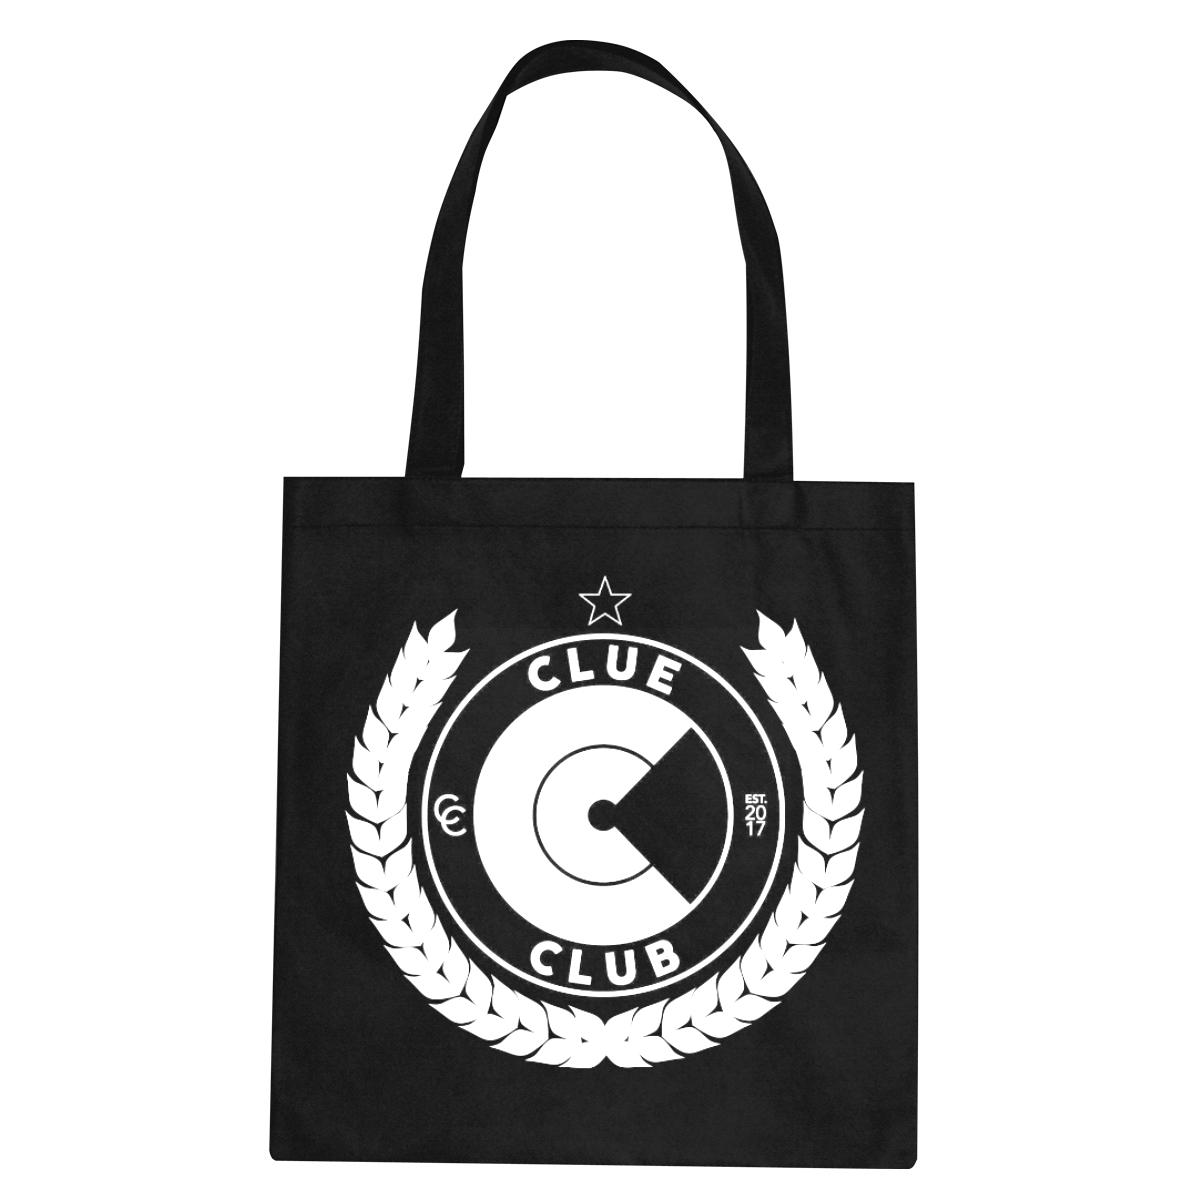 CLUE CLUB TOTE BAG - Clue Records